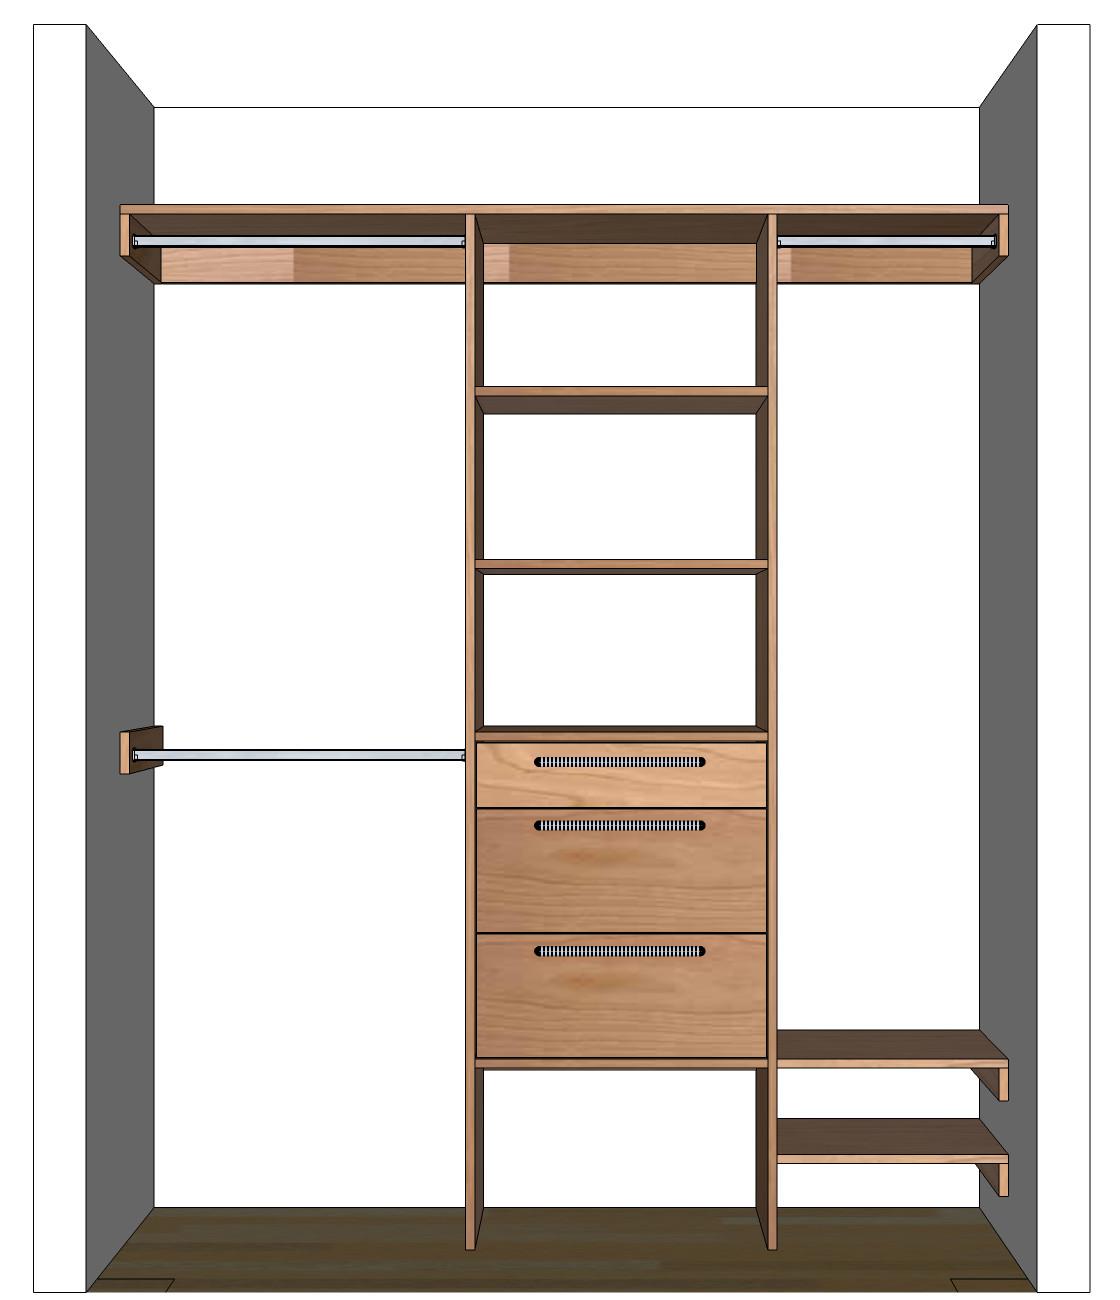 DIY Closet Organizers  DIY Closet Organizer Plans For 5 to 8 Closet